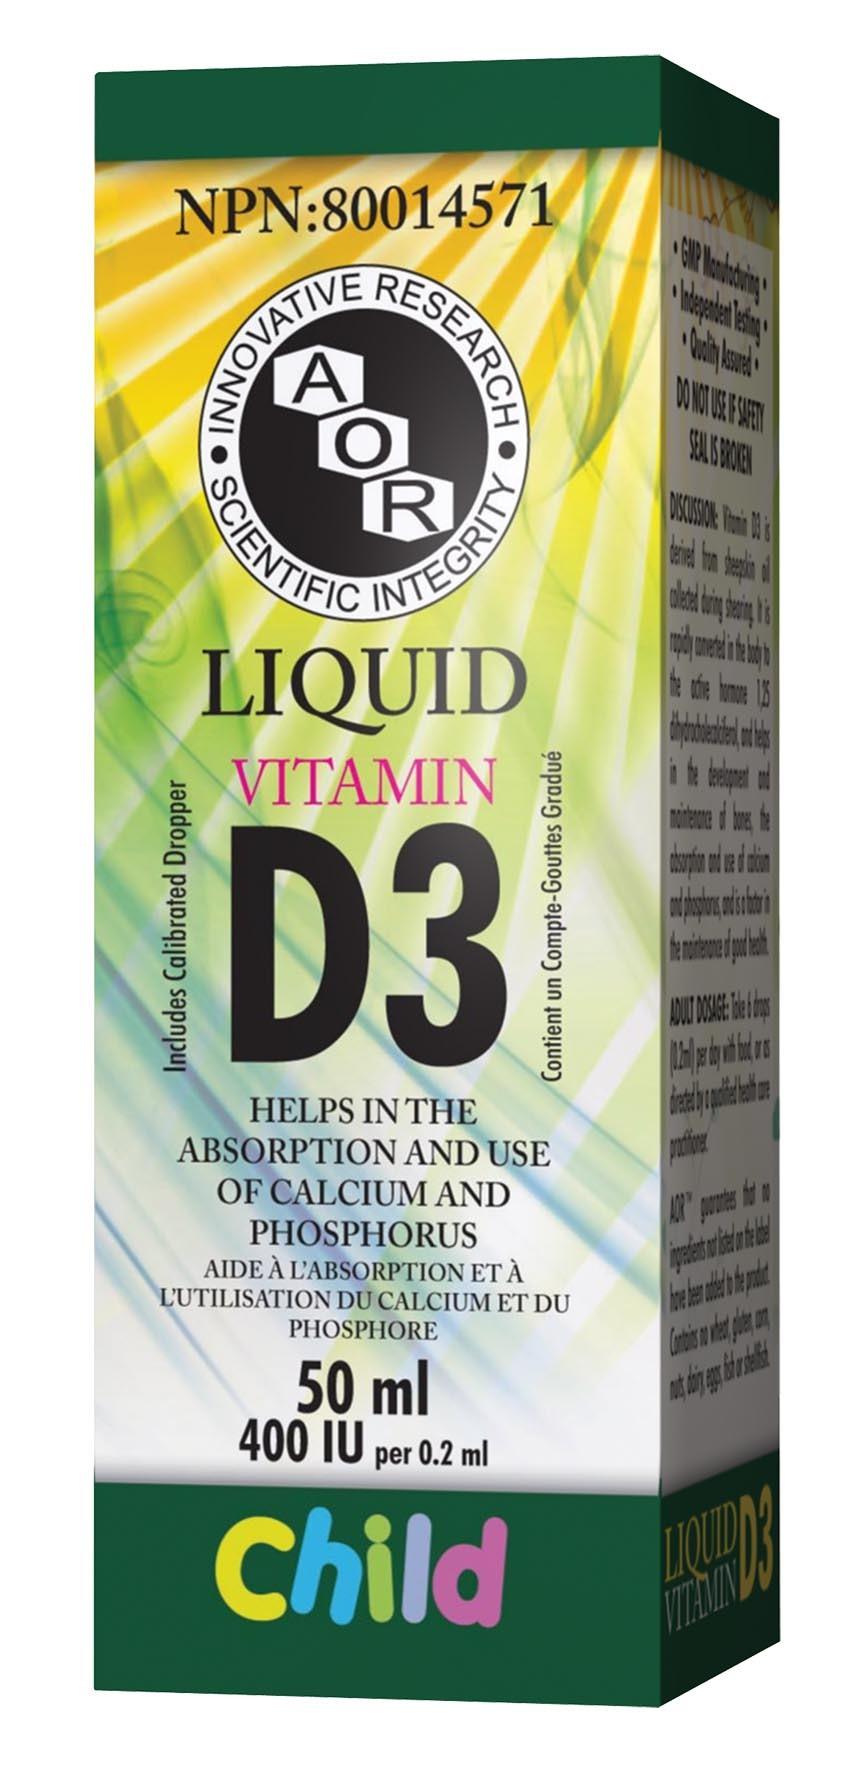 Vitamin D3 Liquid (CHILD)